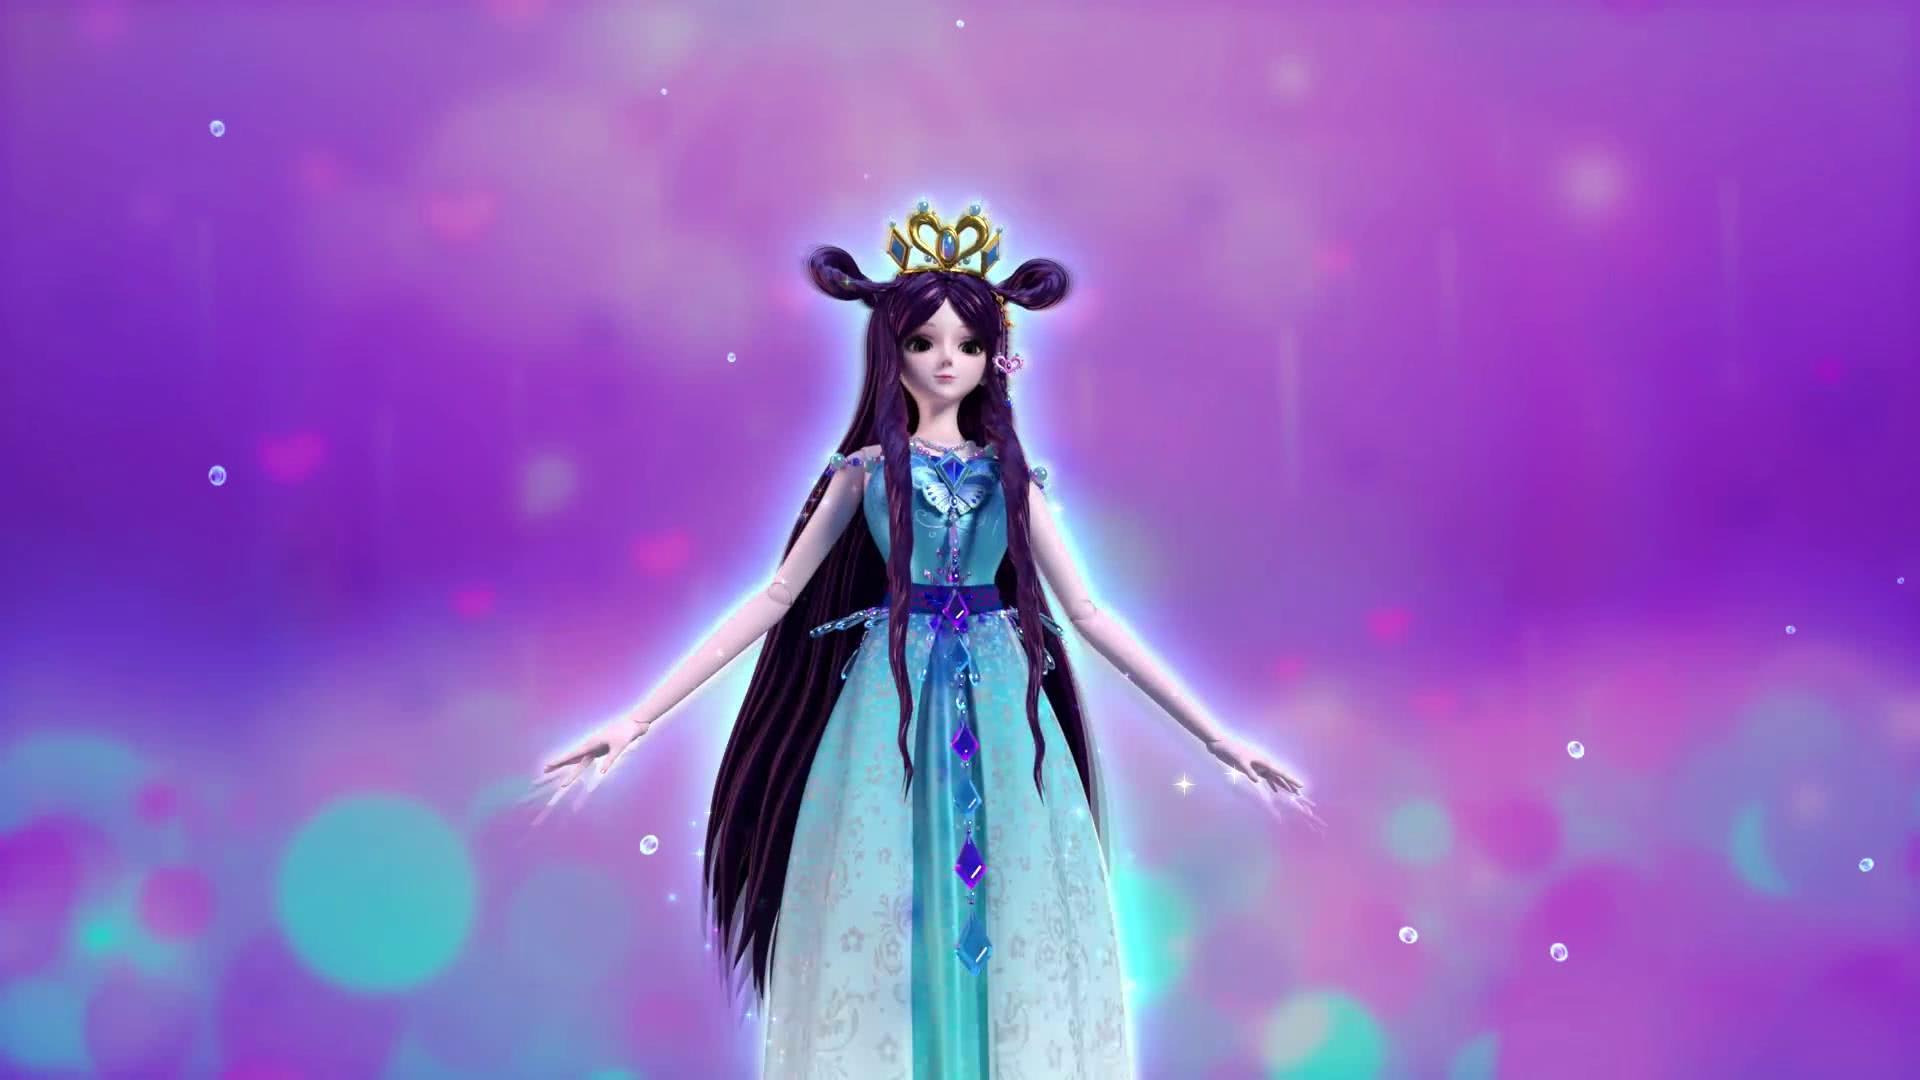 精灵梦叶罗丽:水王子撩妹手段再次升级,送王默水之圣衣!图片